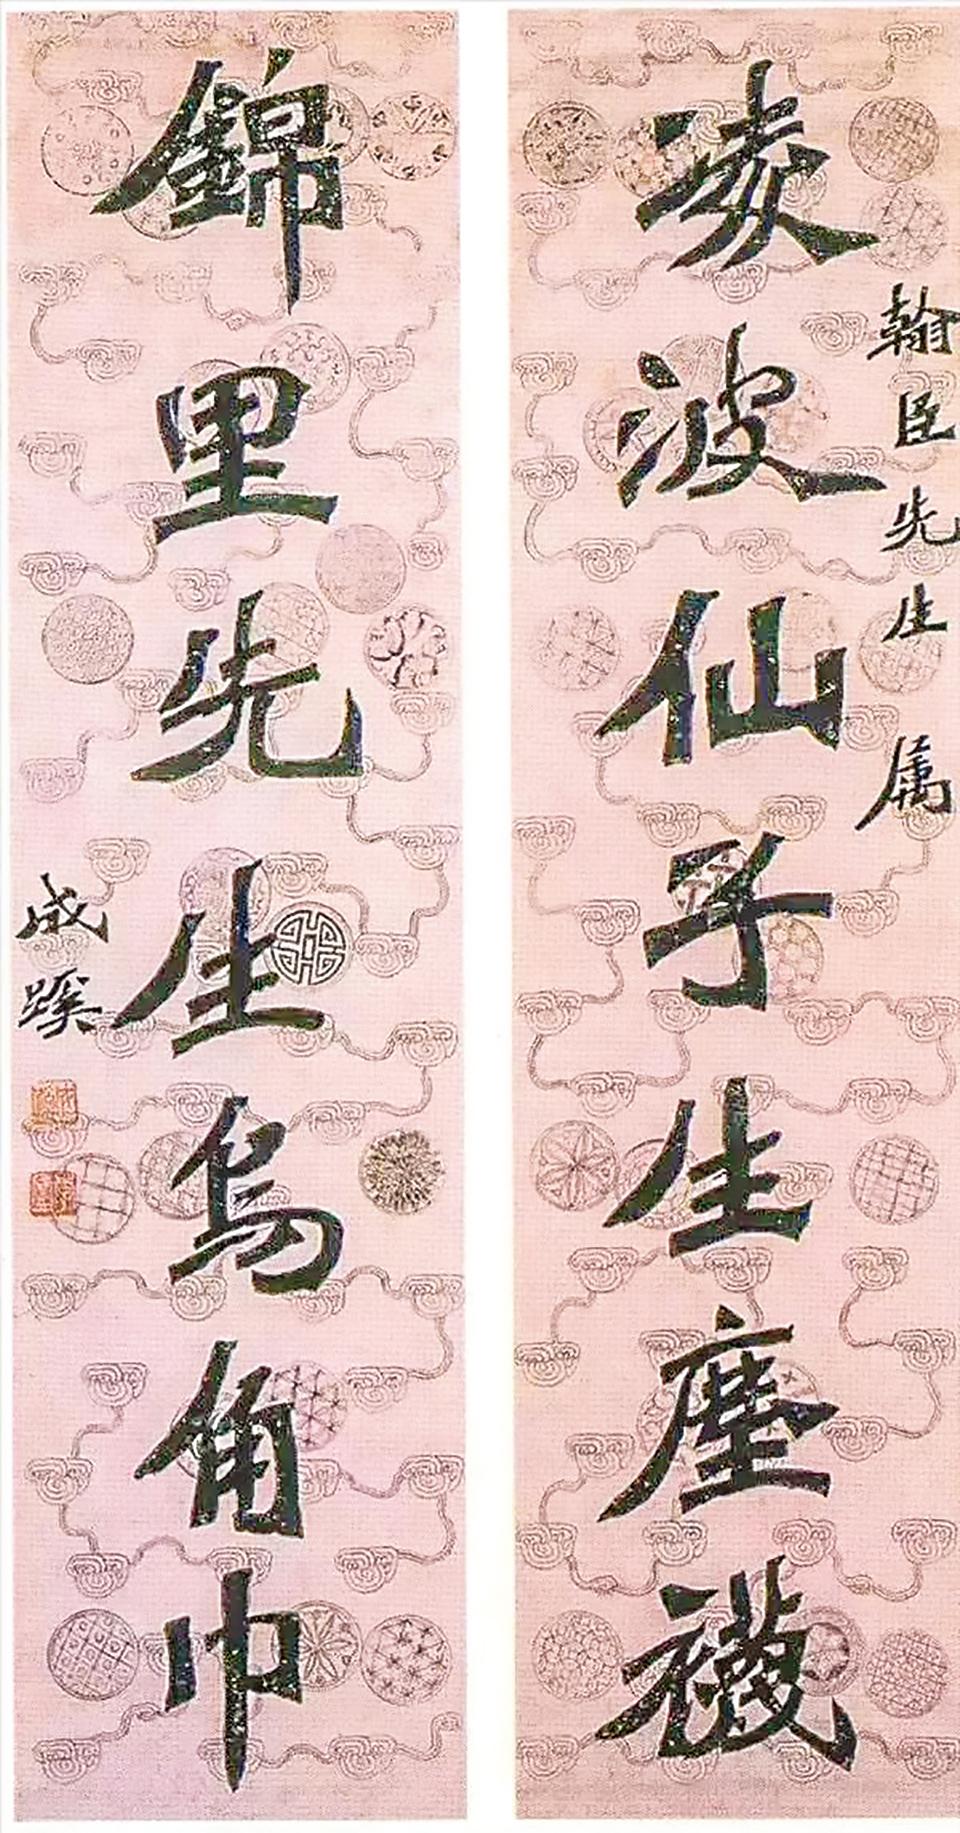 李叔同早期書法。(公有領域)